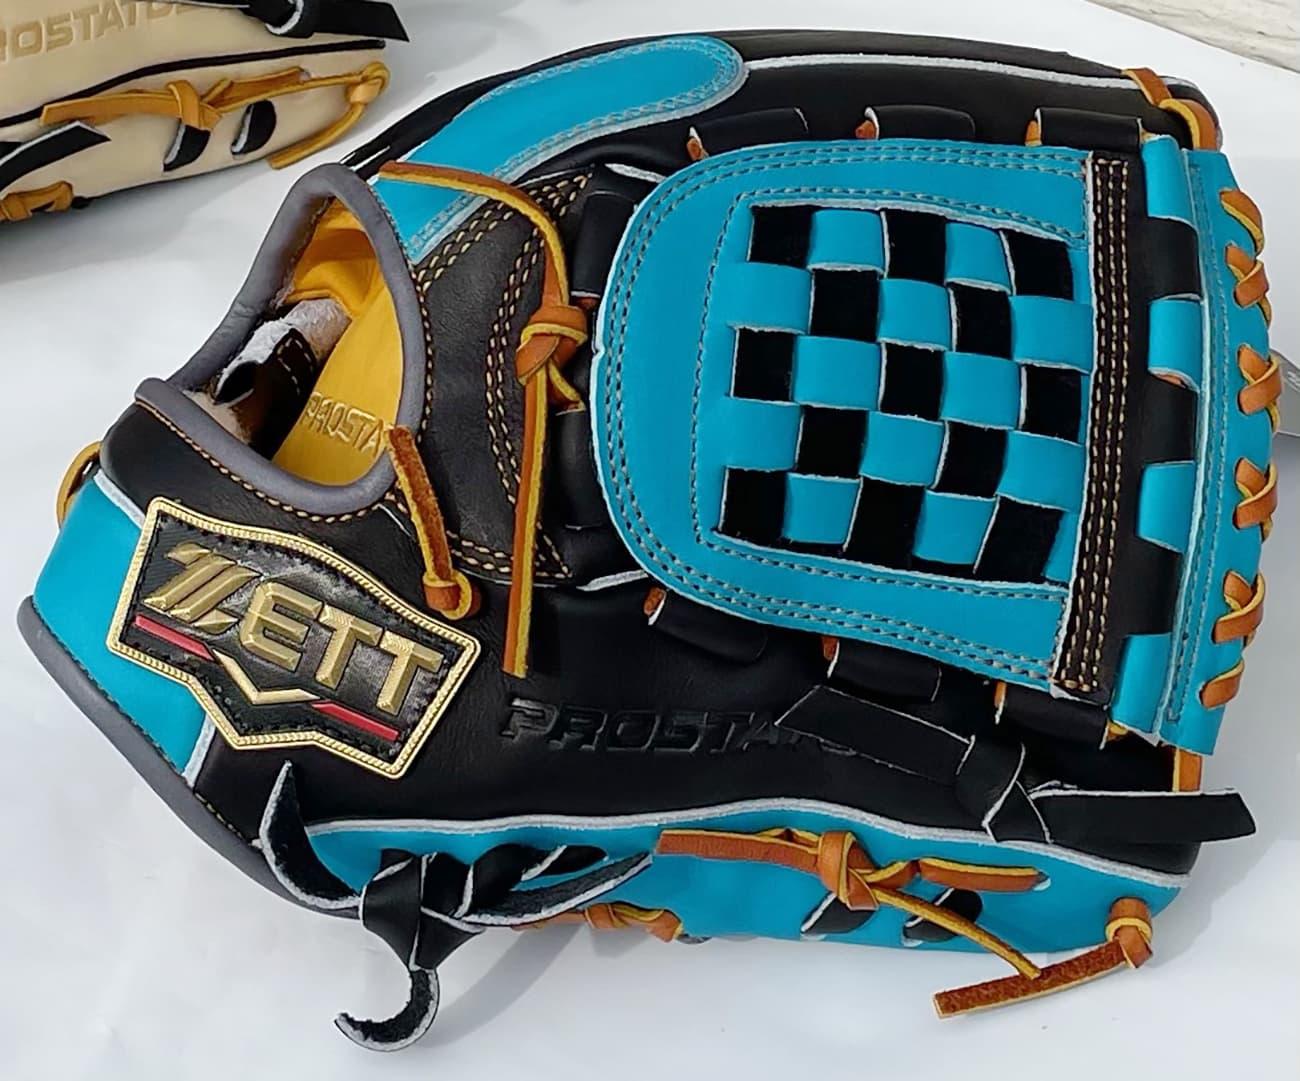 【源田壮亮選手モデル】ゼットプロステータス軟式野球用グラブ(内野手用・限定モデル) 青 表